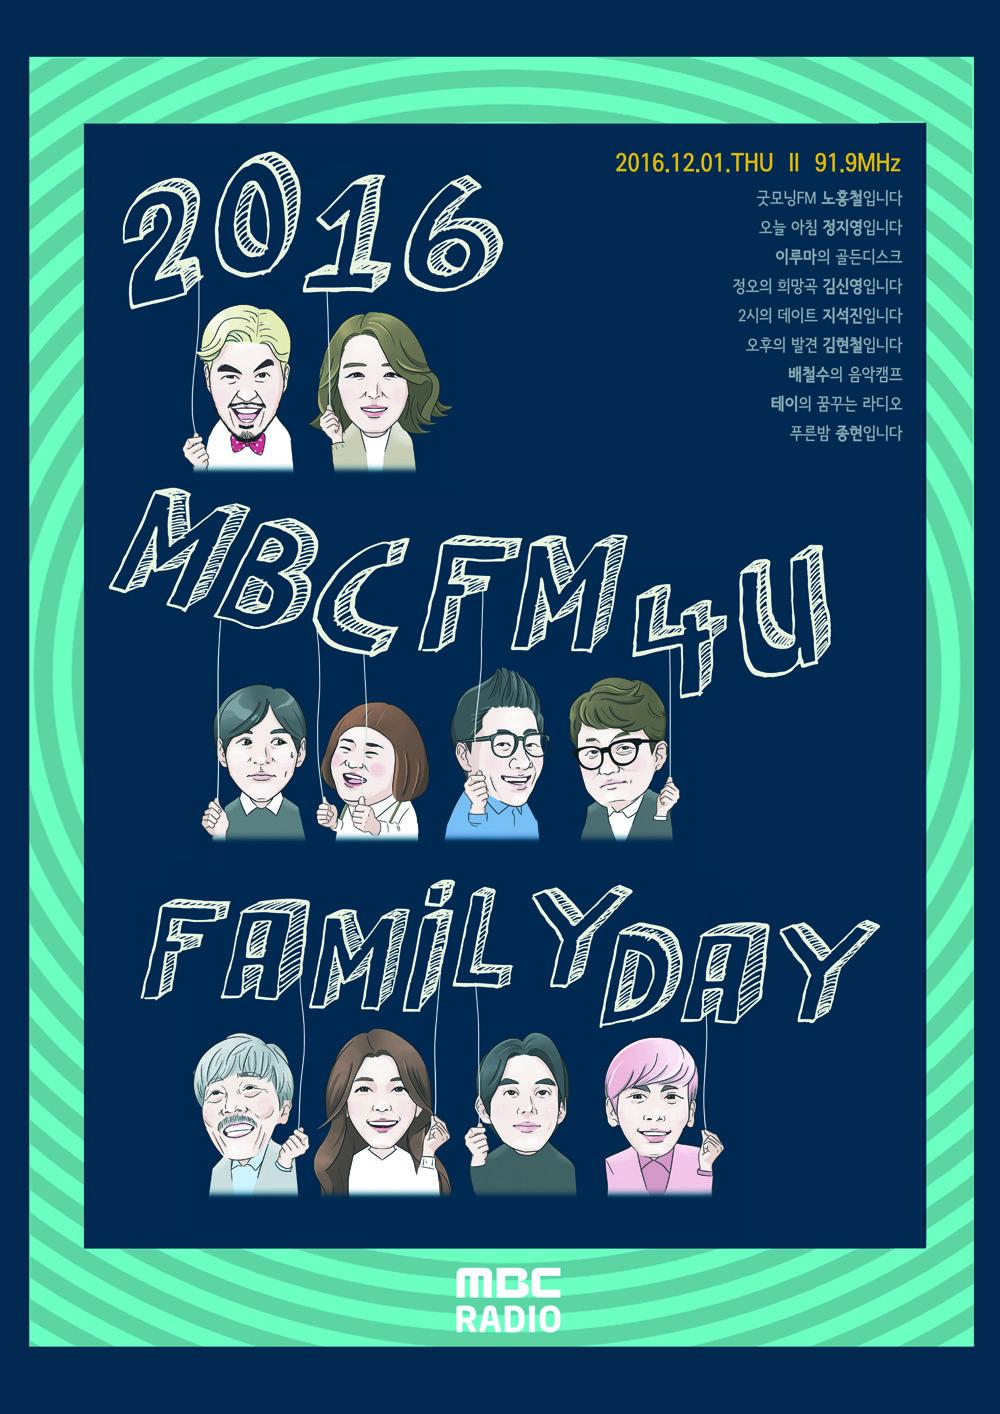 12월 1일은 MBC 라디오 <패밀리데이>! DJ들이 '교차'로 꾸미는 라디오는?